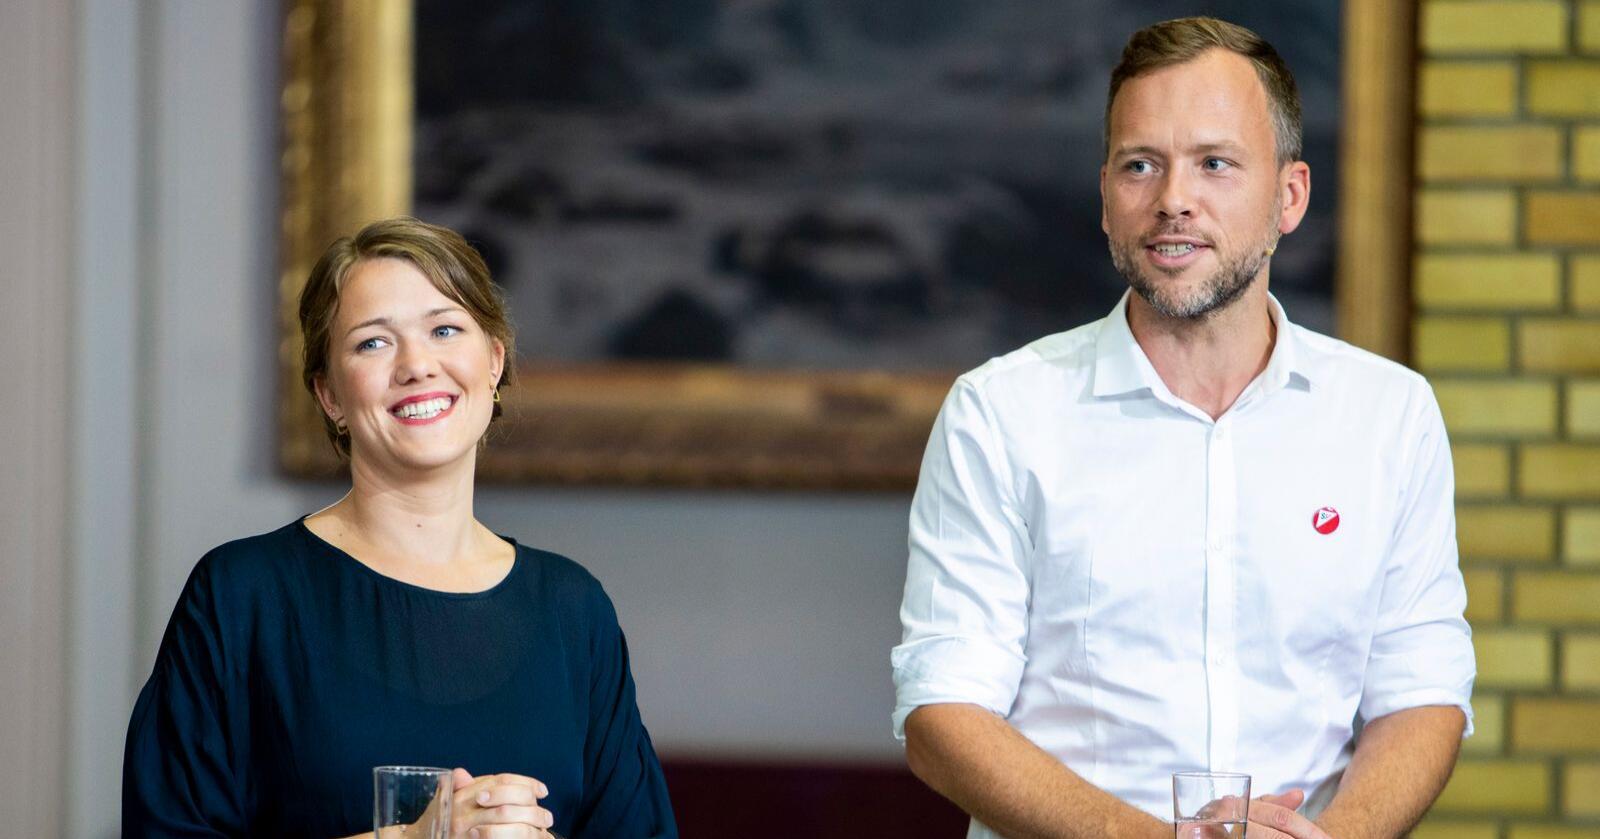 Både Une Bastholms MDG og Audun Lysbakkens SV tiltrekker seg mange unge velgere. Foto: Tore Meek / NTB scanpix